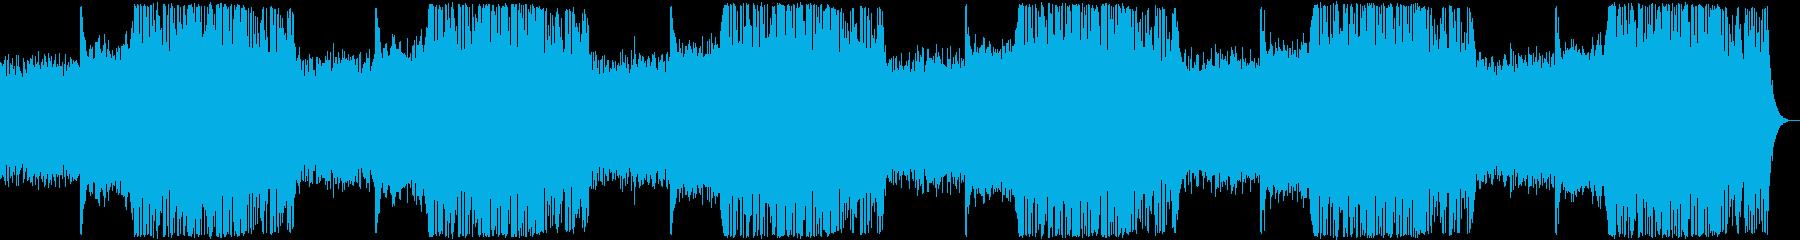 神秘的テクスチャーアンビエントの再生済みの波形